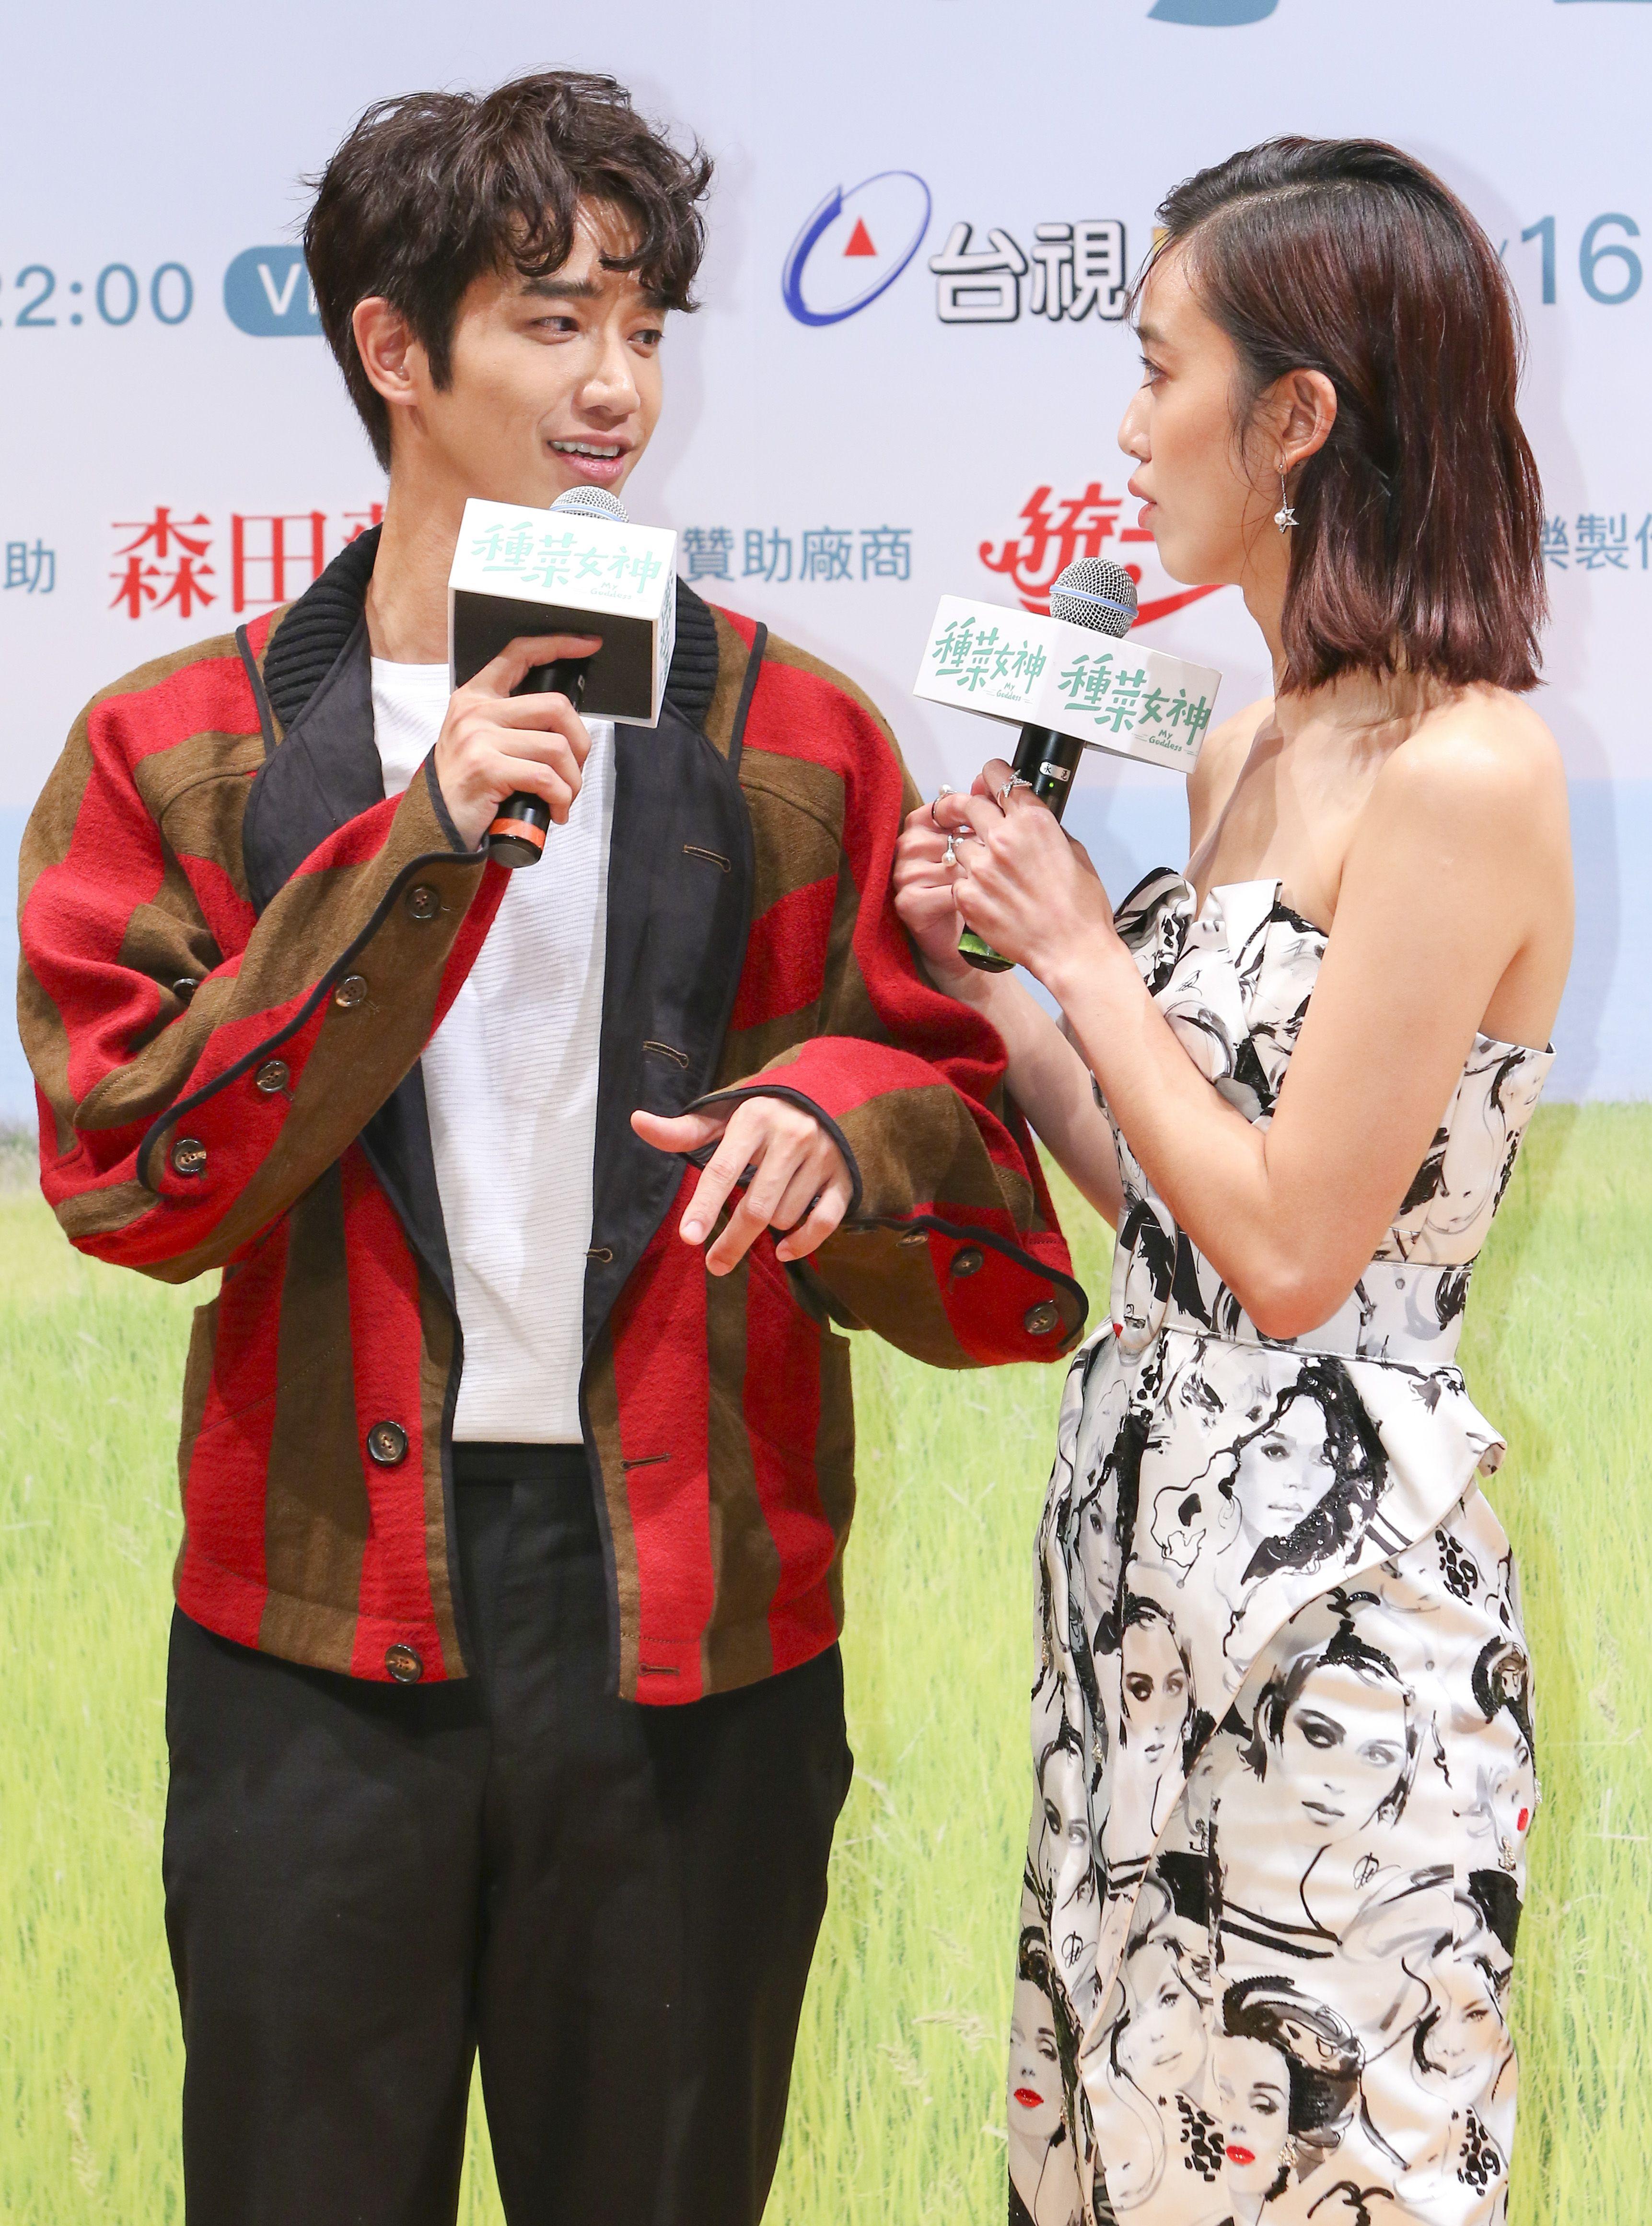 「種菜女神」首映發布會男女主角劉以豪、陳庭妮。(記者林士傑/攝影)